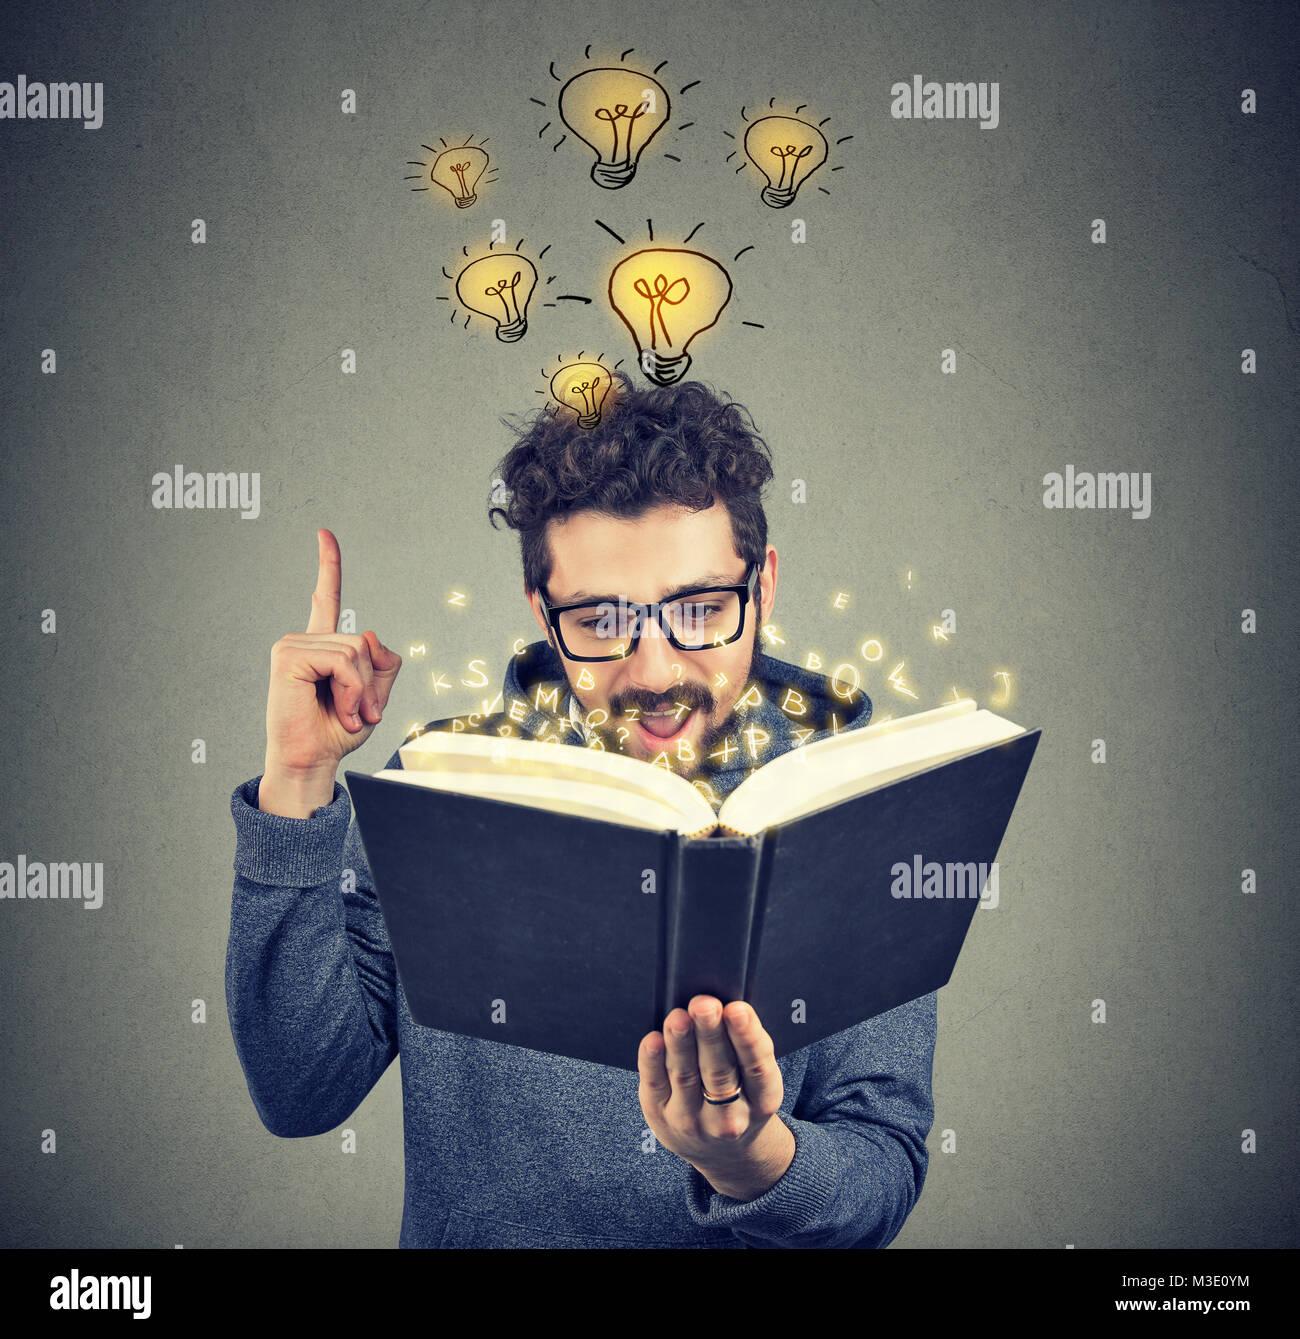 Jeune homme d'avoir la brillante idée de venir jusqu'à l'esprit lors de la lecture du livre Photo Stock